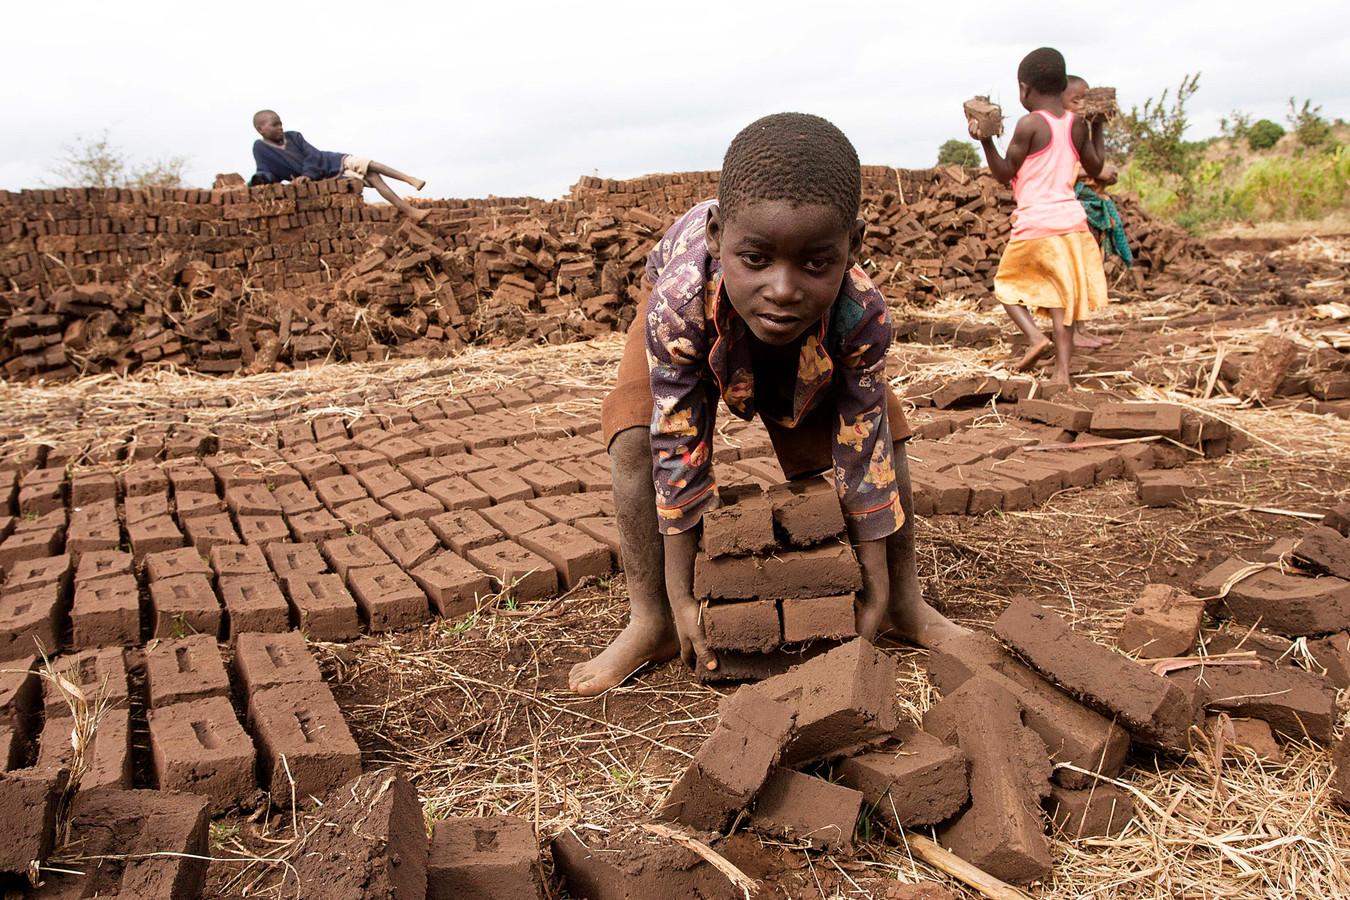 Een jongen in Malawi tilt bakstenen die gebakken moeten worden.